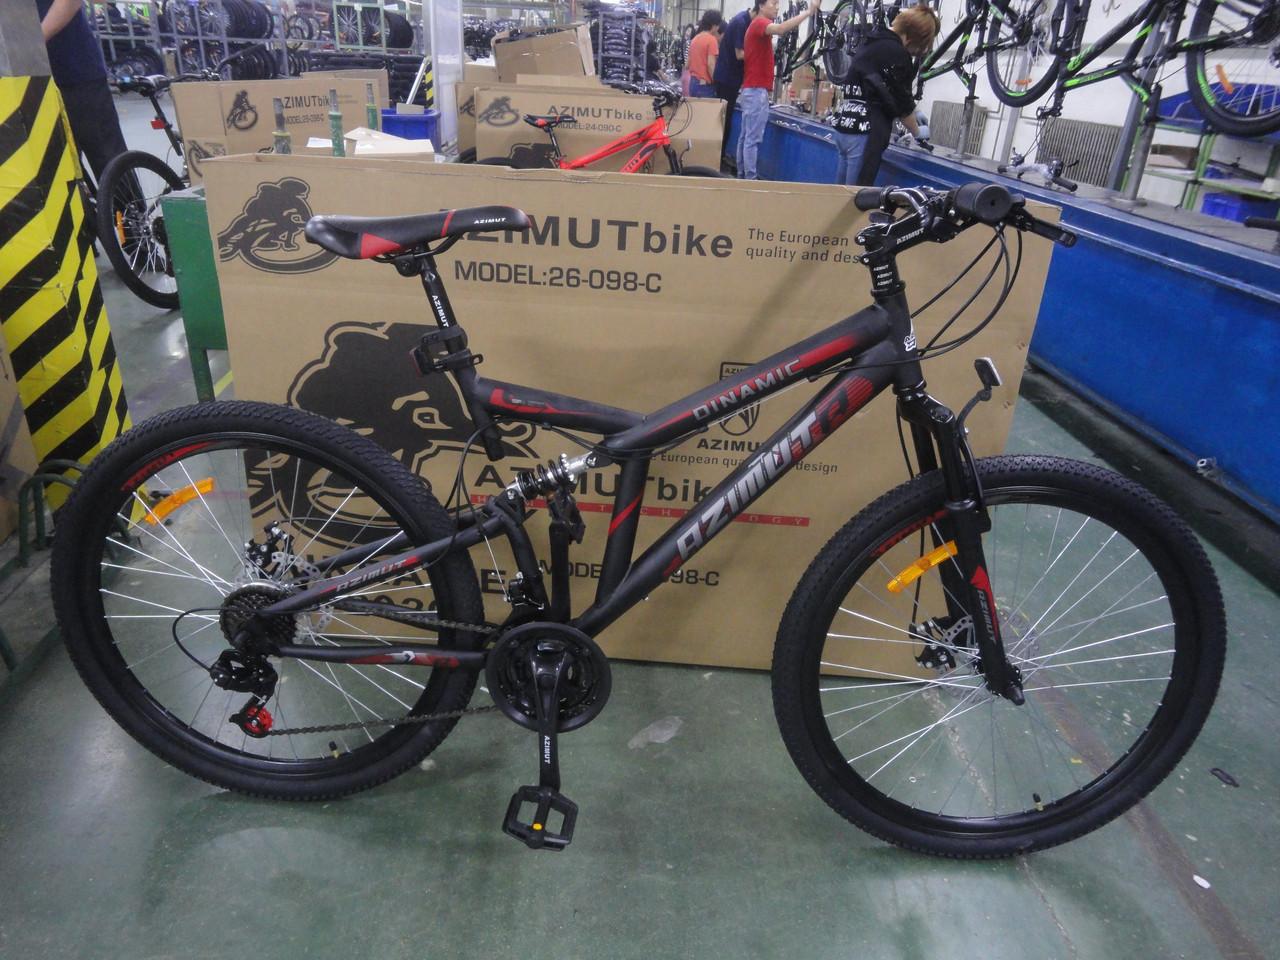 Спортивный горный велосипед 26 дюймов Azimut Dinamic D 18.5 рама черно-оранжевый